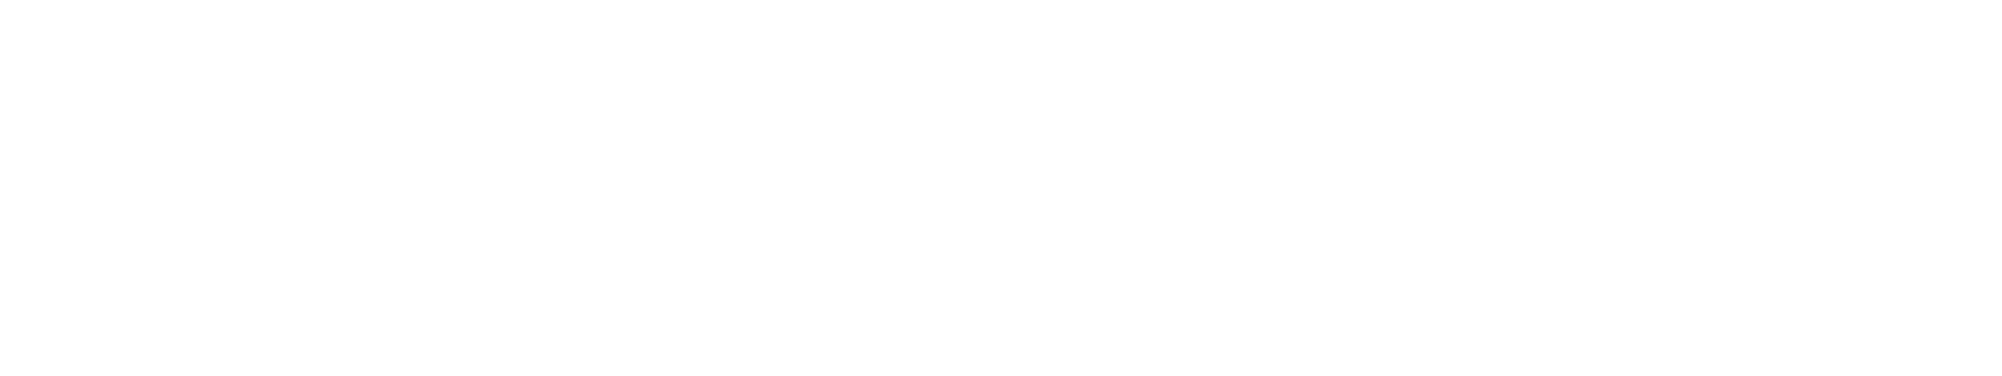 Statuto Associazione Il Girasole Arci